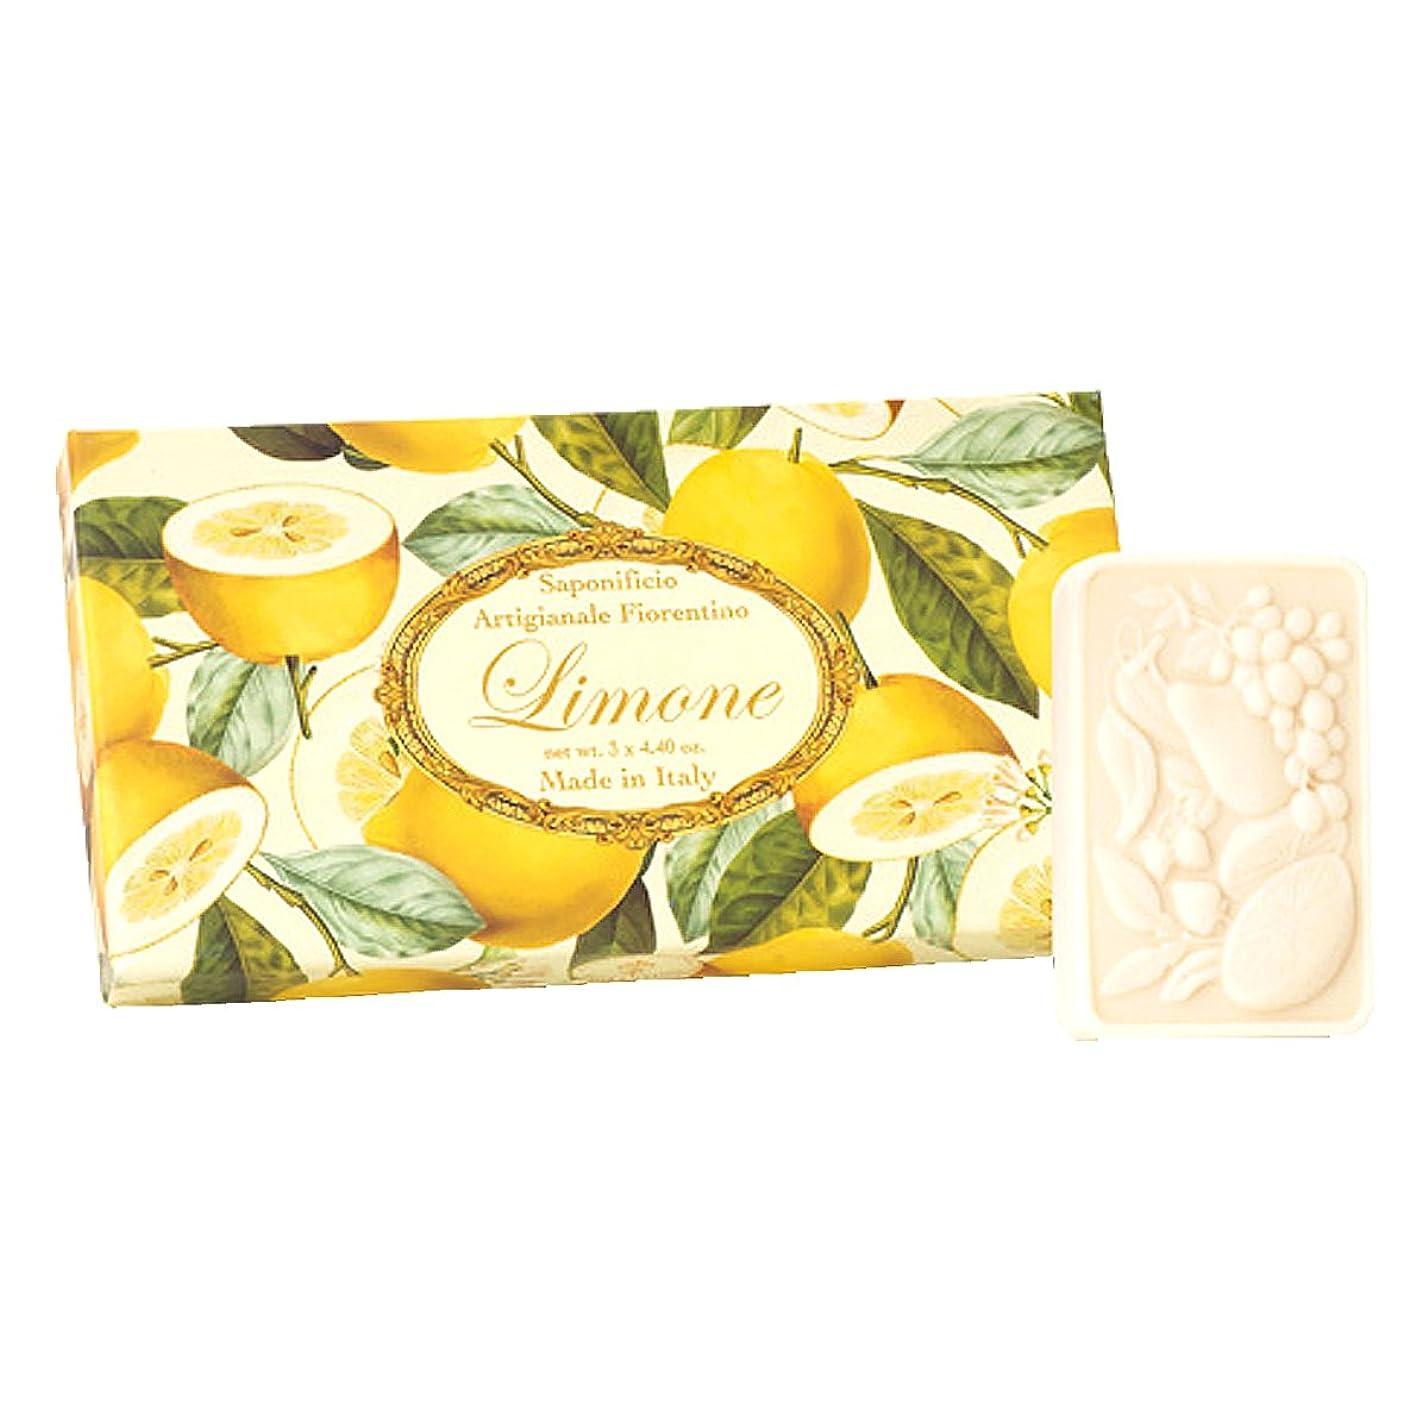 矢印委託高速道路フィレンツェの 長い歴史から生まれたこだわり石鹸 レモン【刻印125g×3個セット】